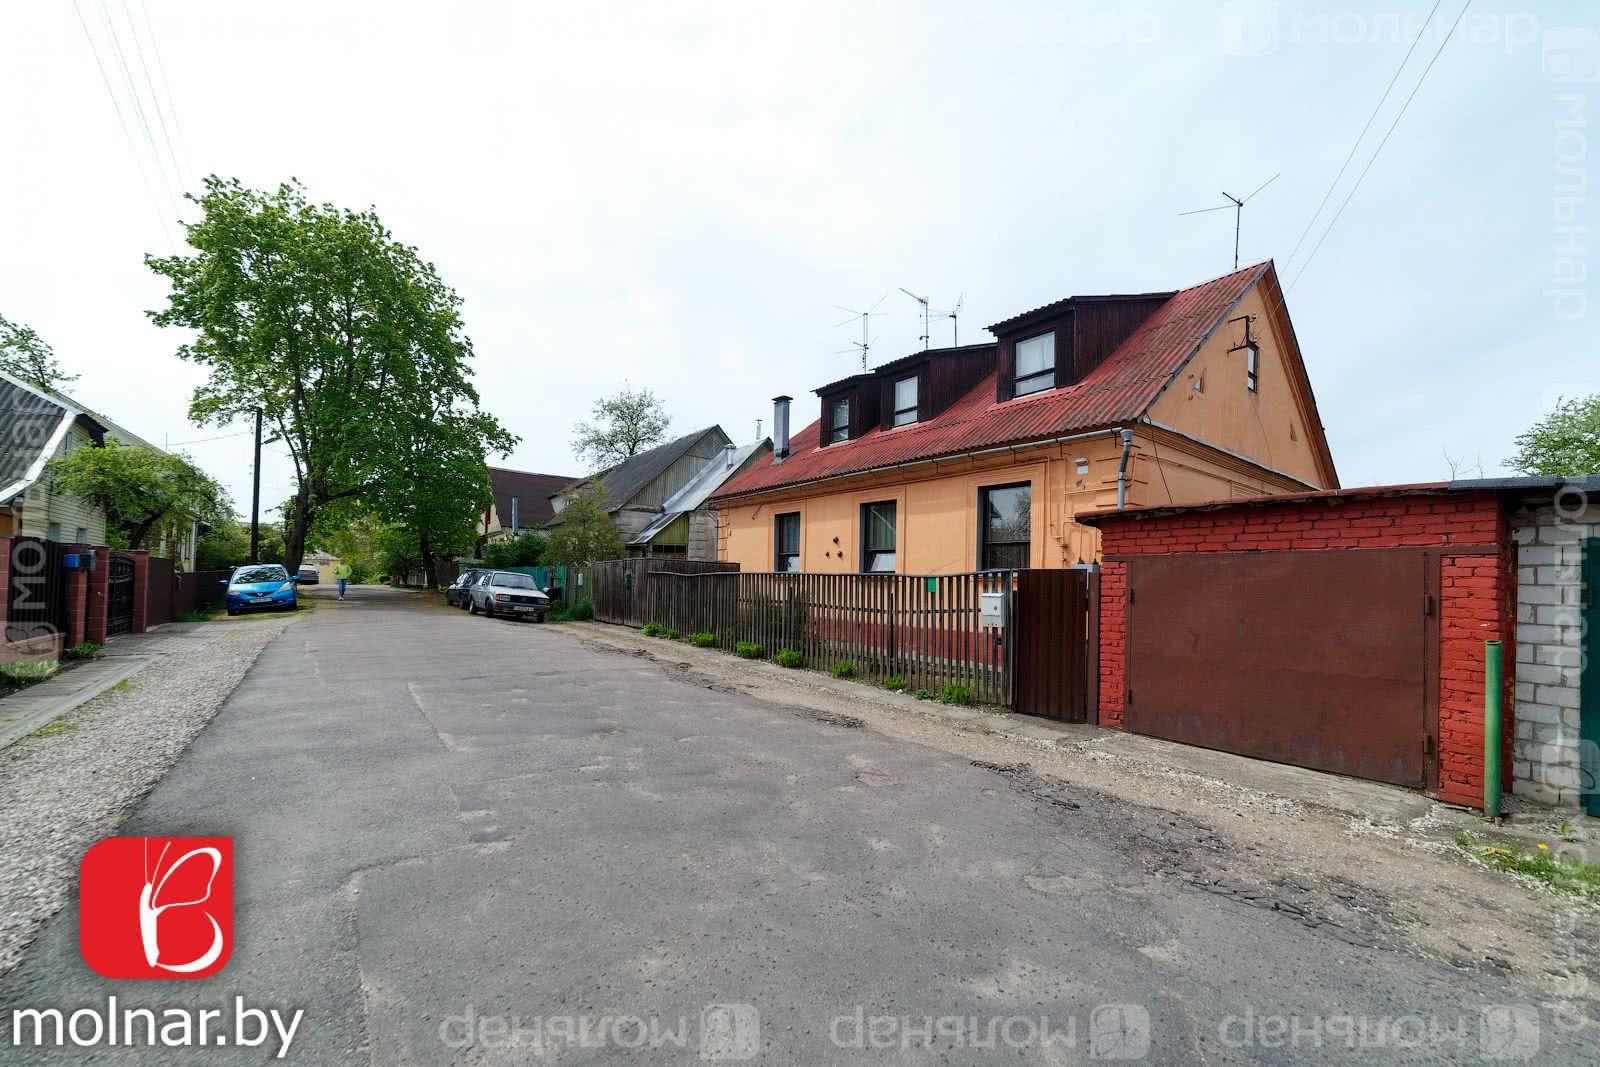 Продажа полдома в 2-этажном доме в Минске, пер. Орловский 3-й - фото 4